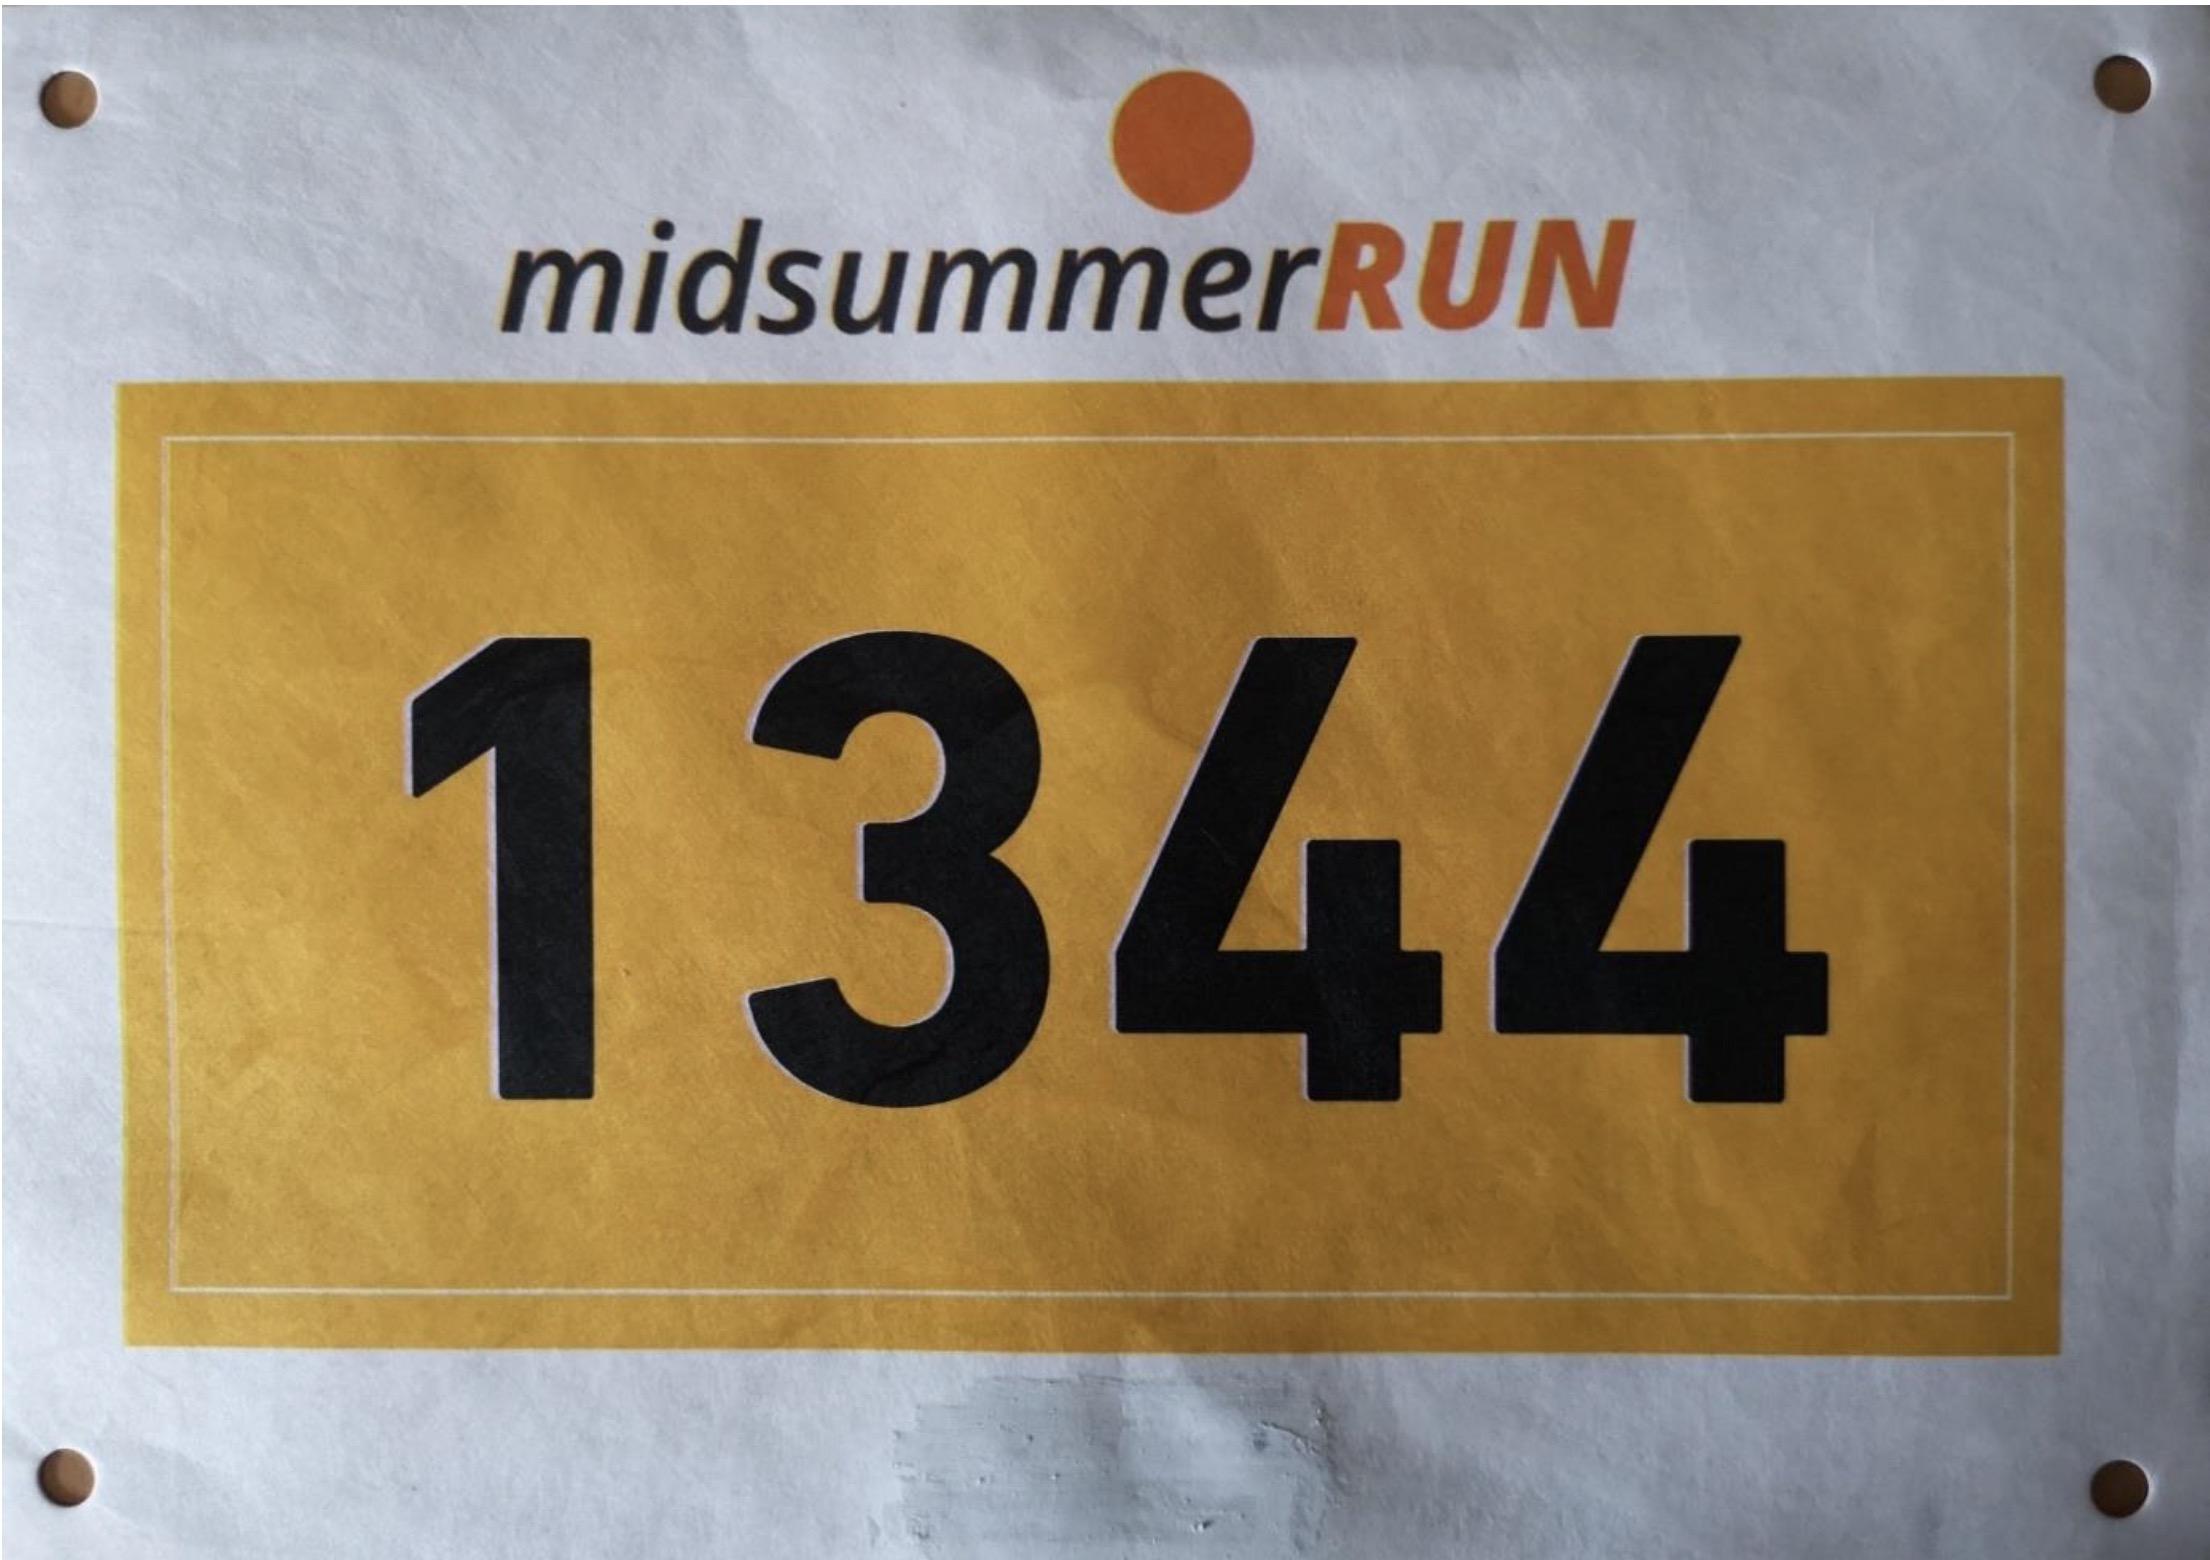 Läufernummer